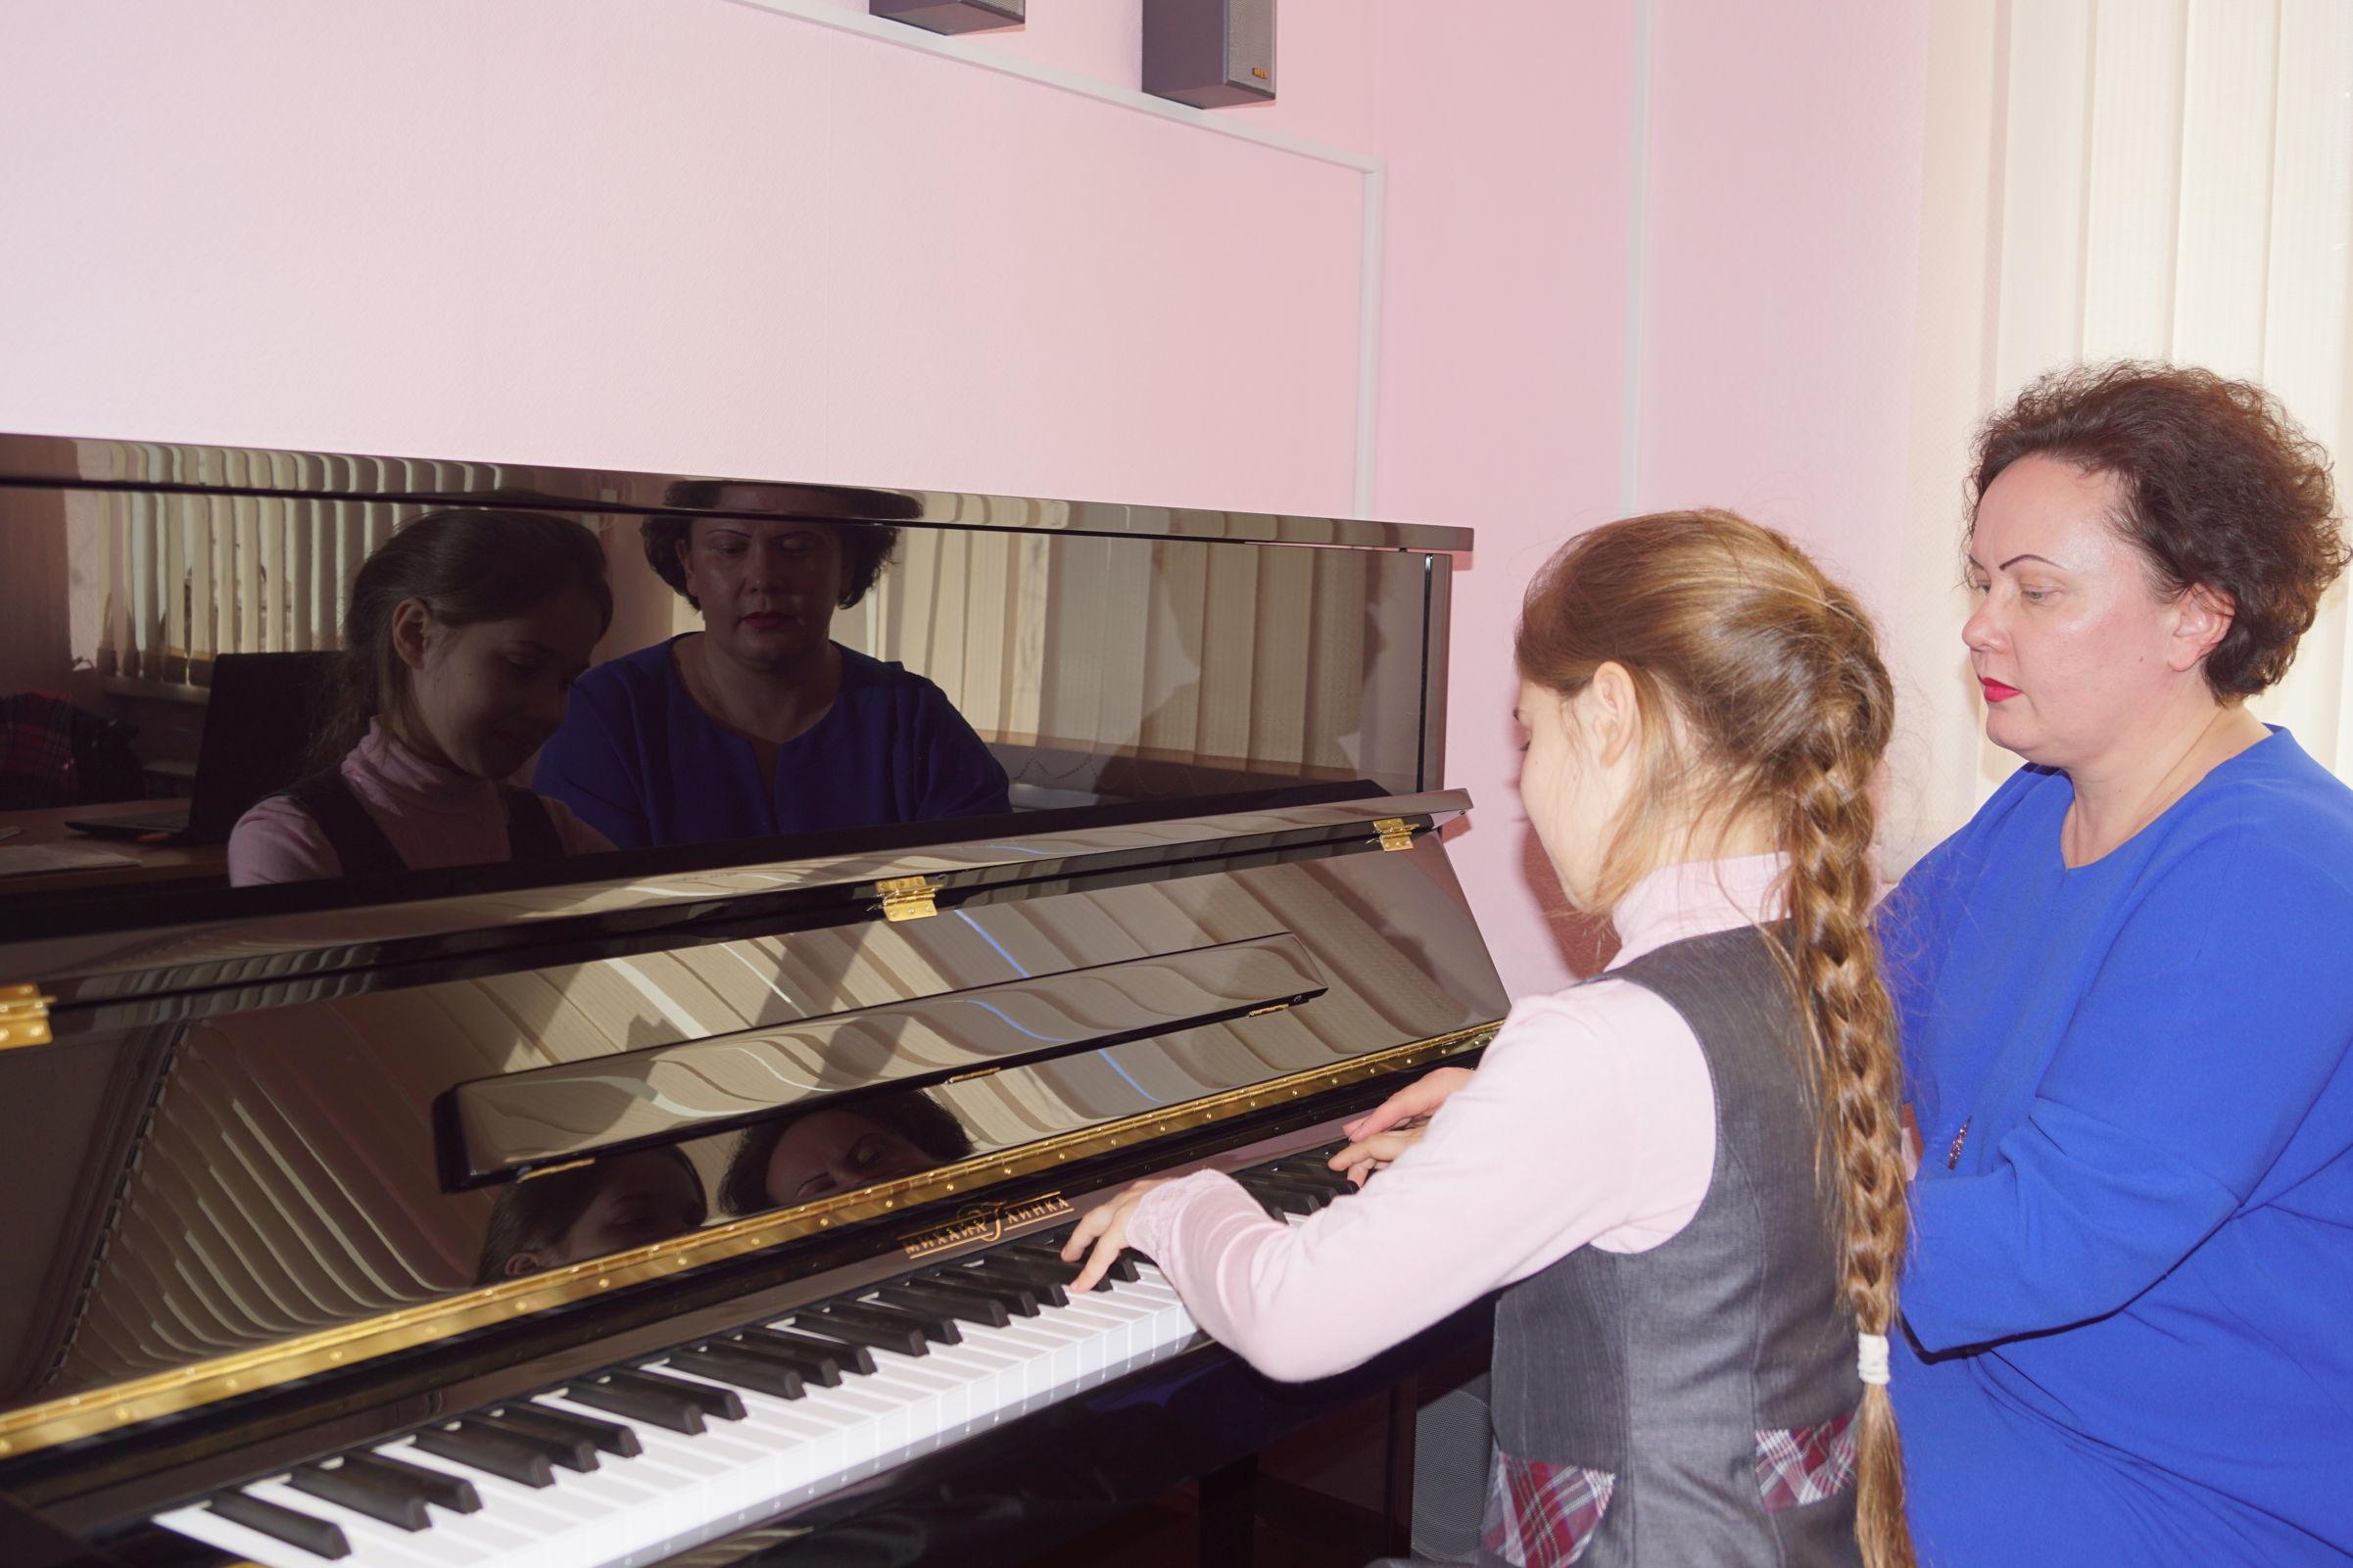 «Михаил Глинка» для Гаврилов-Ямской школы искусств: в учебном заведении появилось новое пианино